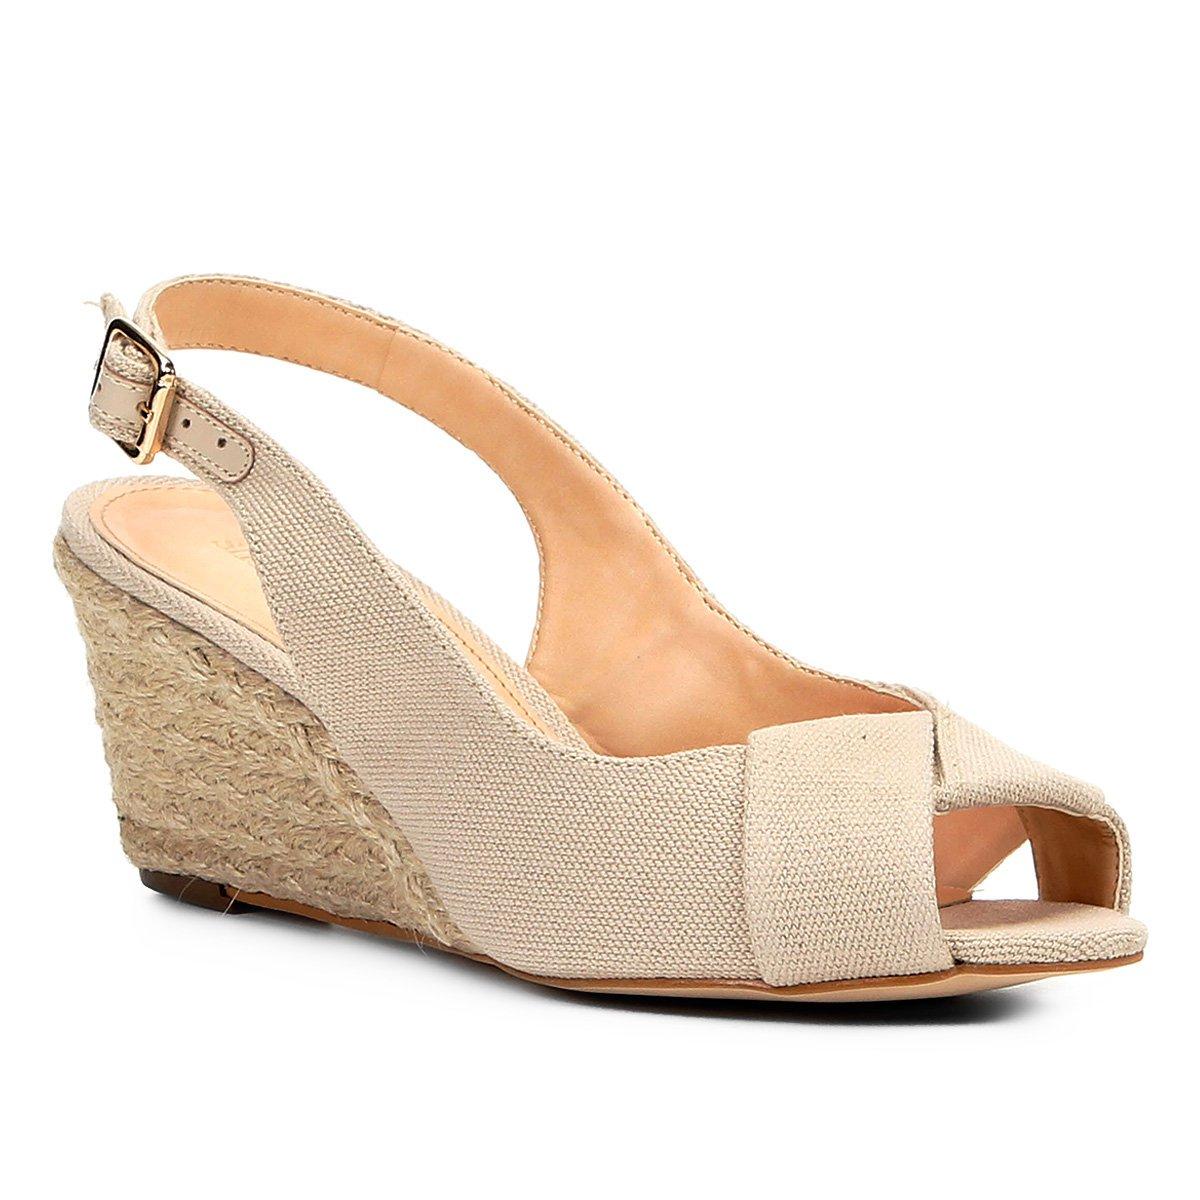 642fc3d83 Sandália Shoestock Anabela Lona Feminina - Compre Agora